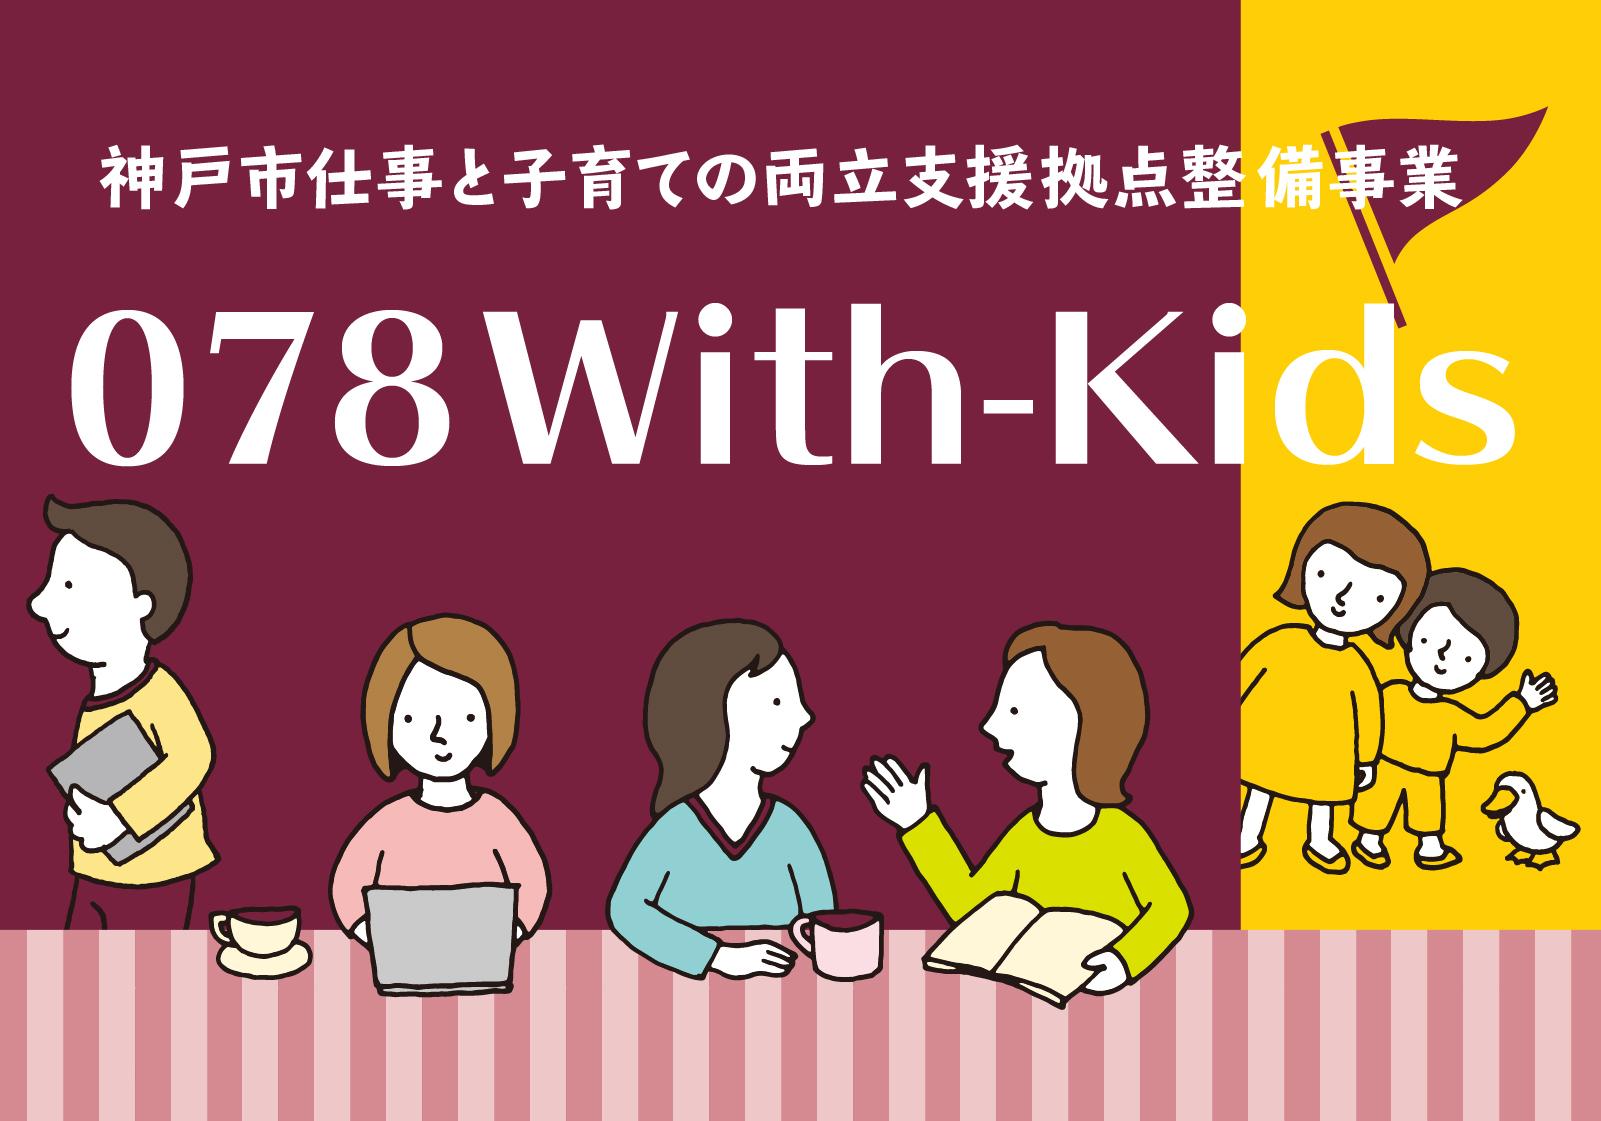 神戸市御影の保育園078With-Kids